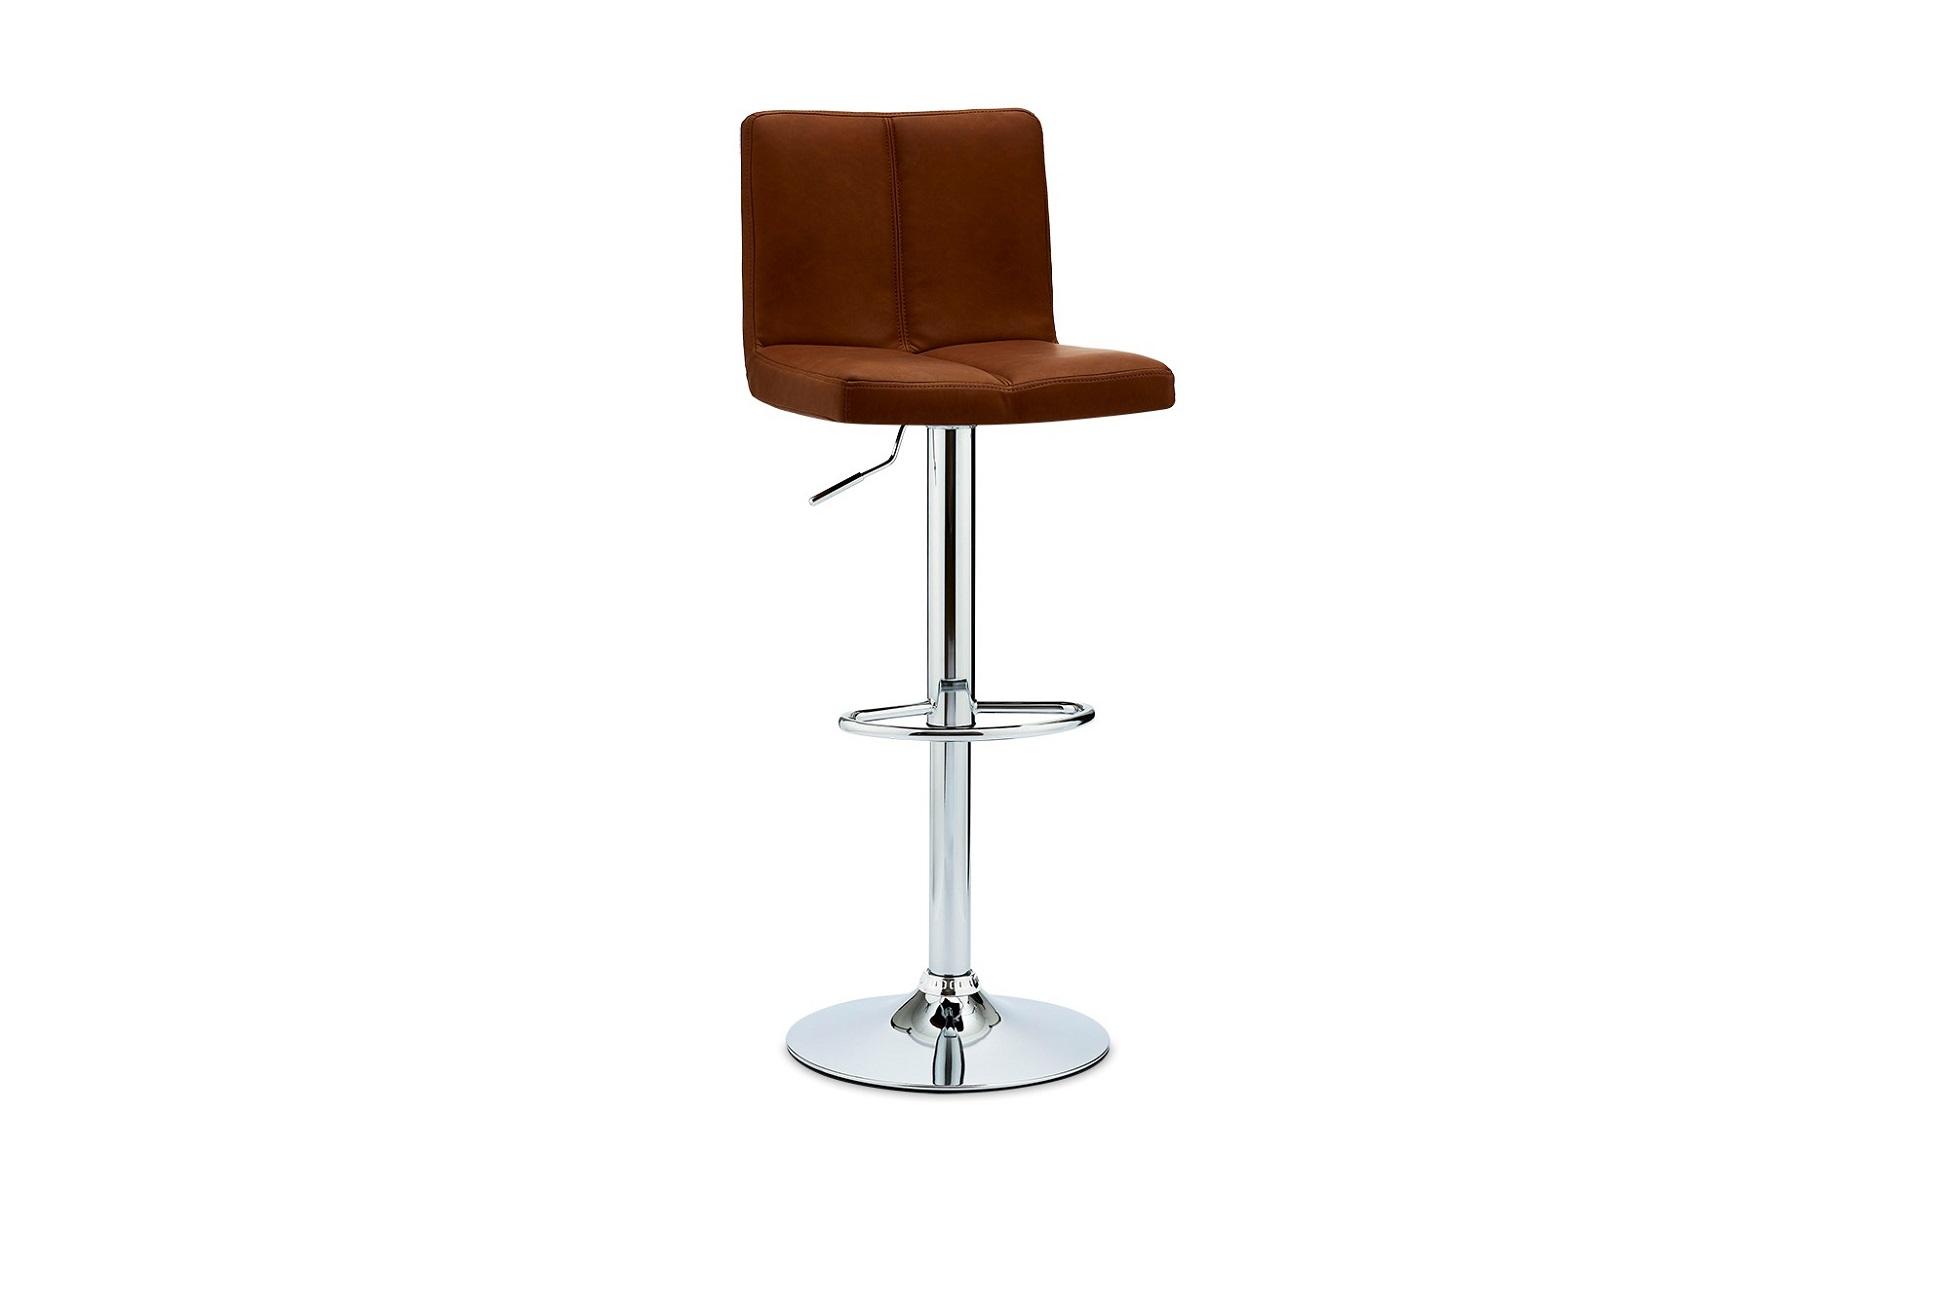 Luxusní barová židle Aesop, světlehněd - Skladem na SK (RP)